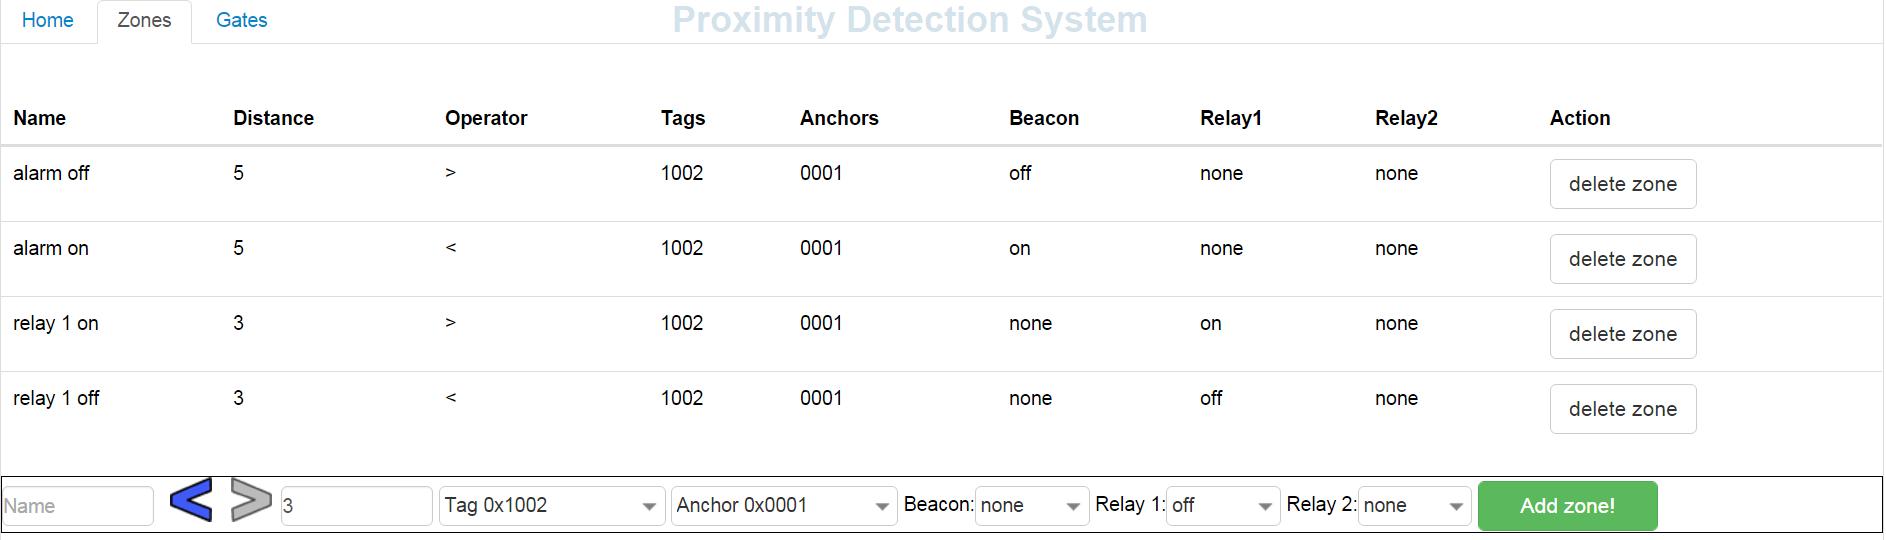 proximity_detection_system_zones